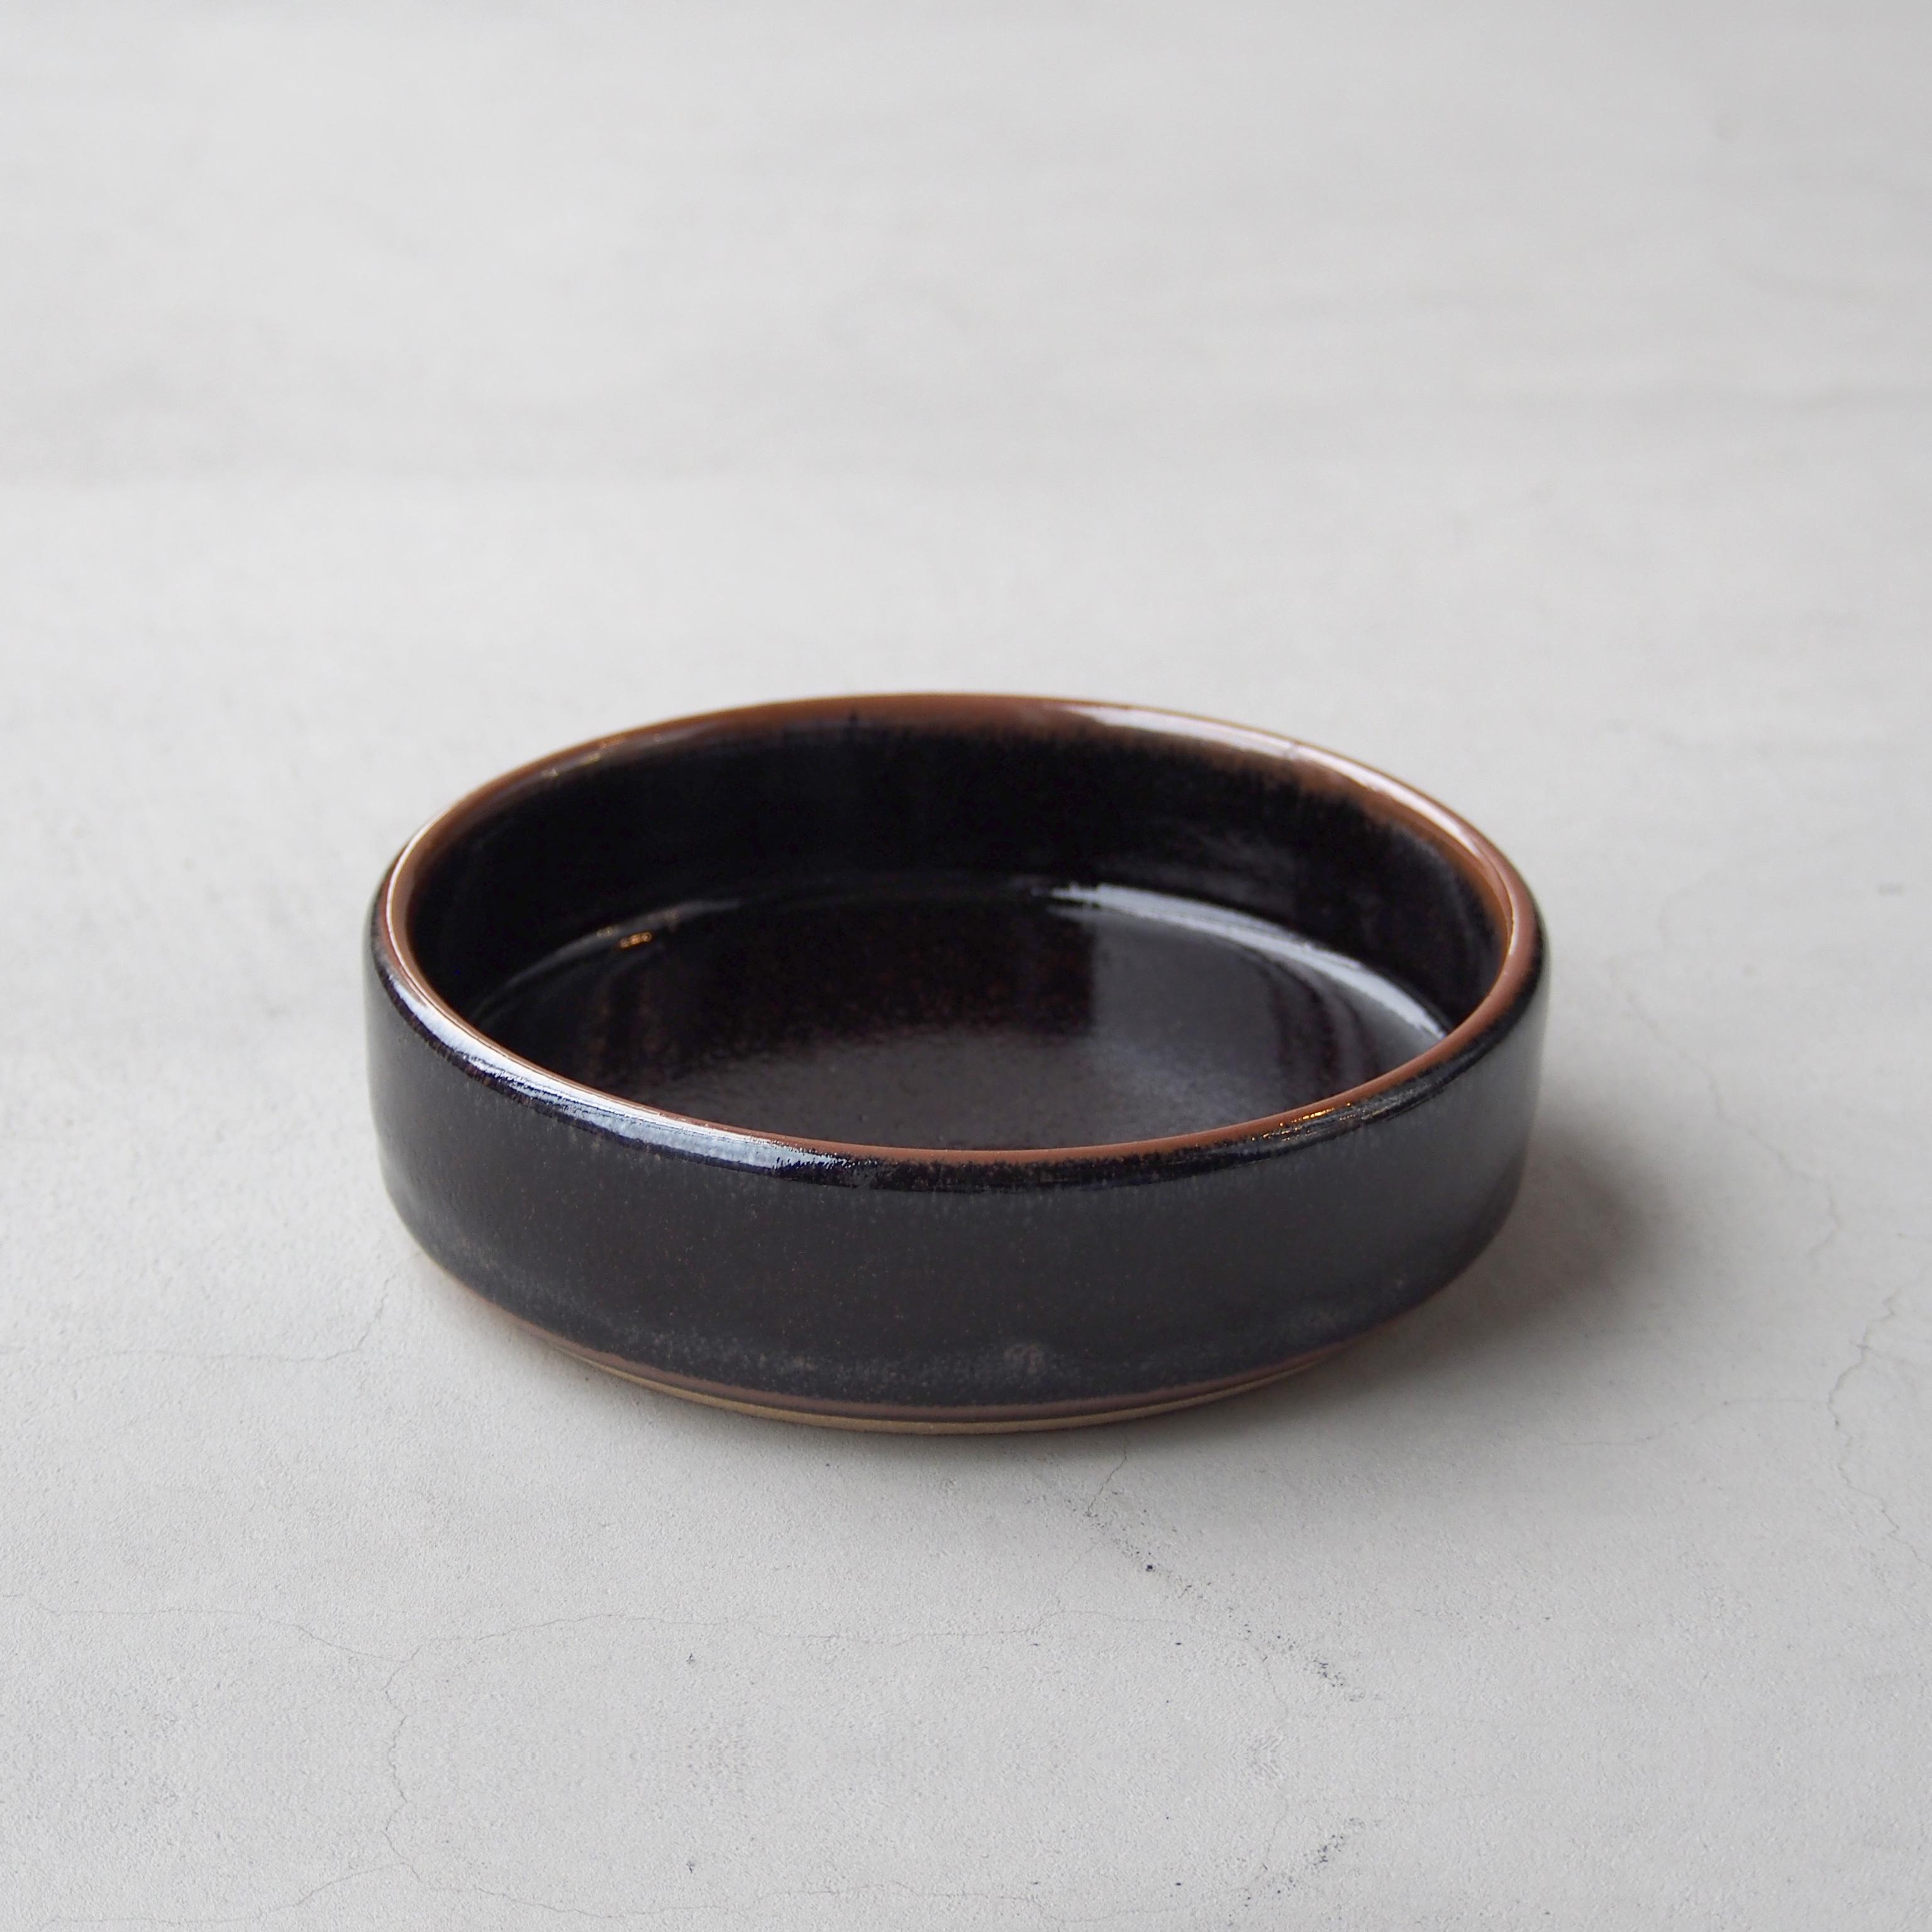 出西窯 浅切立鉢5寸 黒